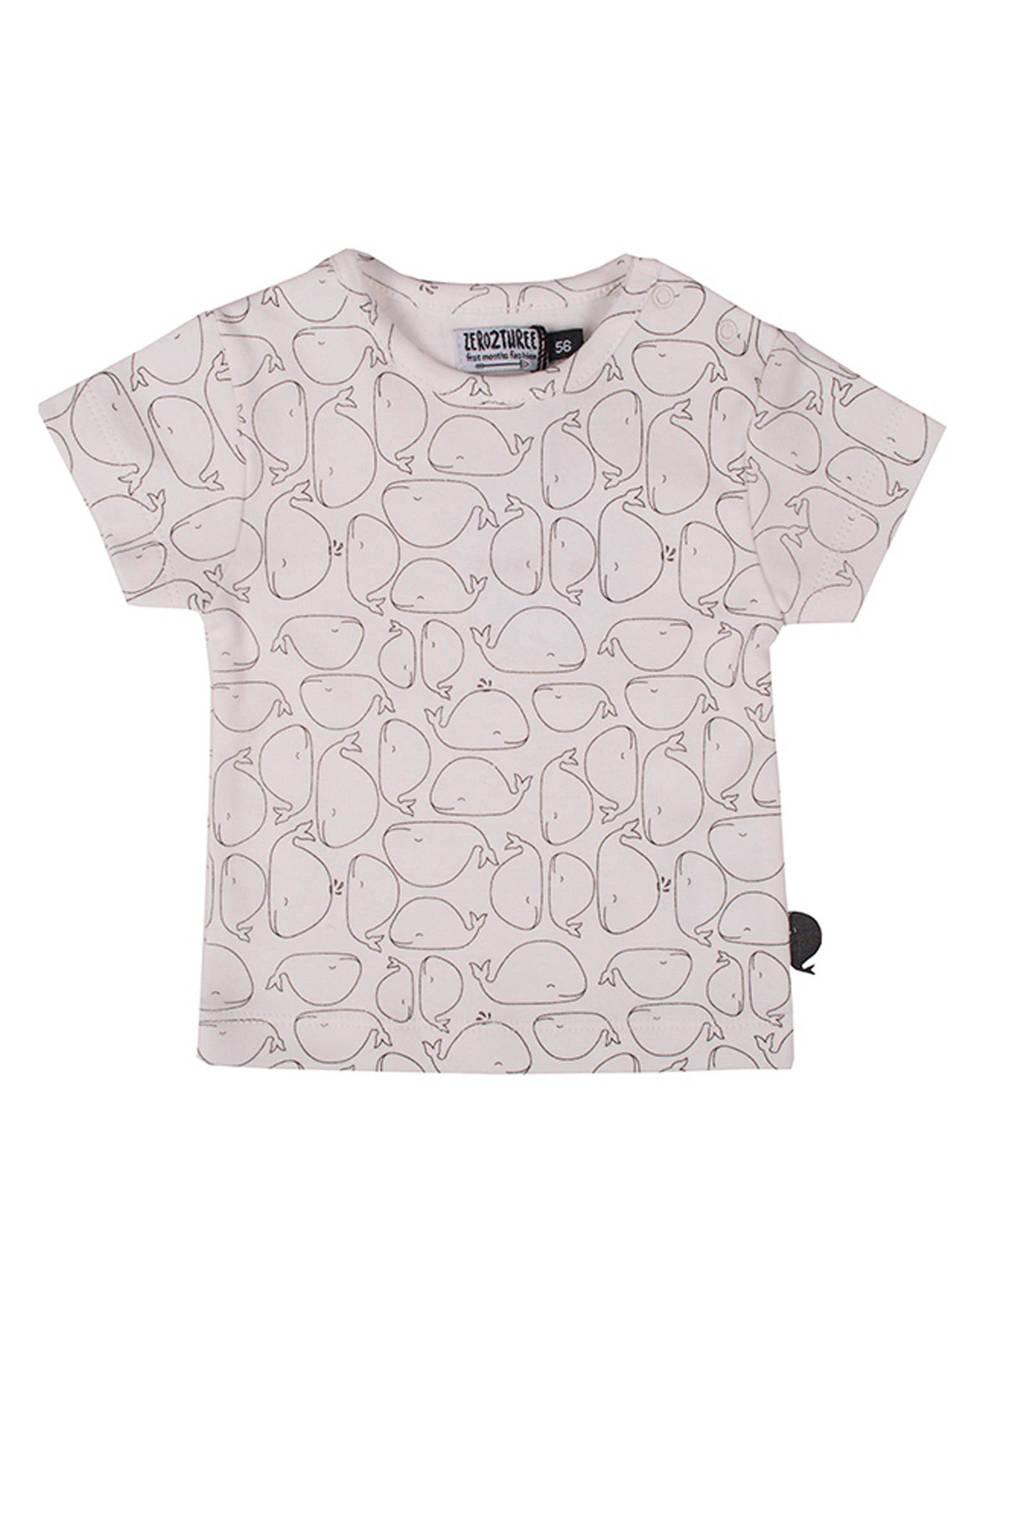 Zero2three baby T-shirt Whale met all over print beige, Beige/zwart